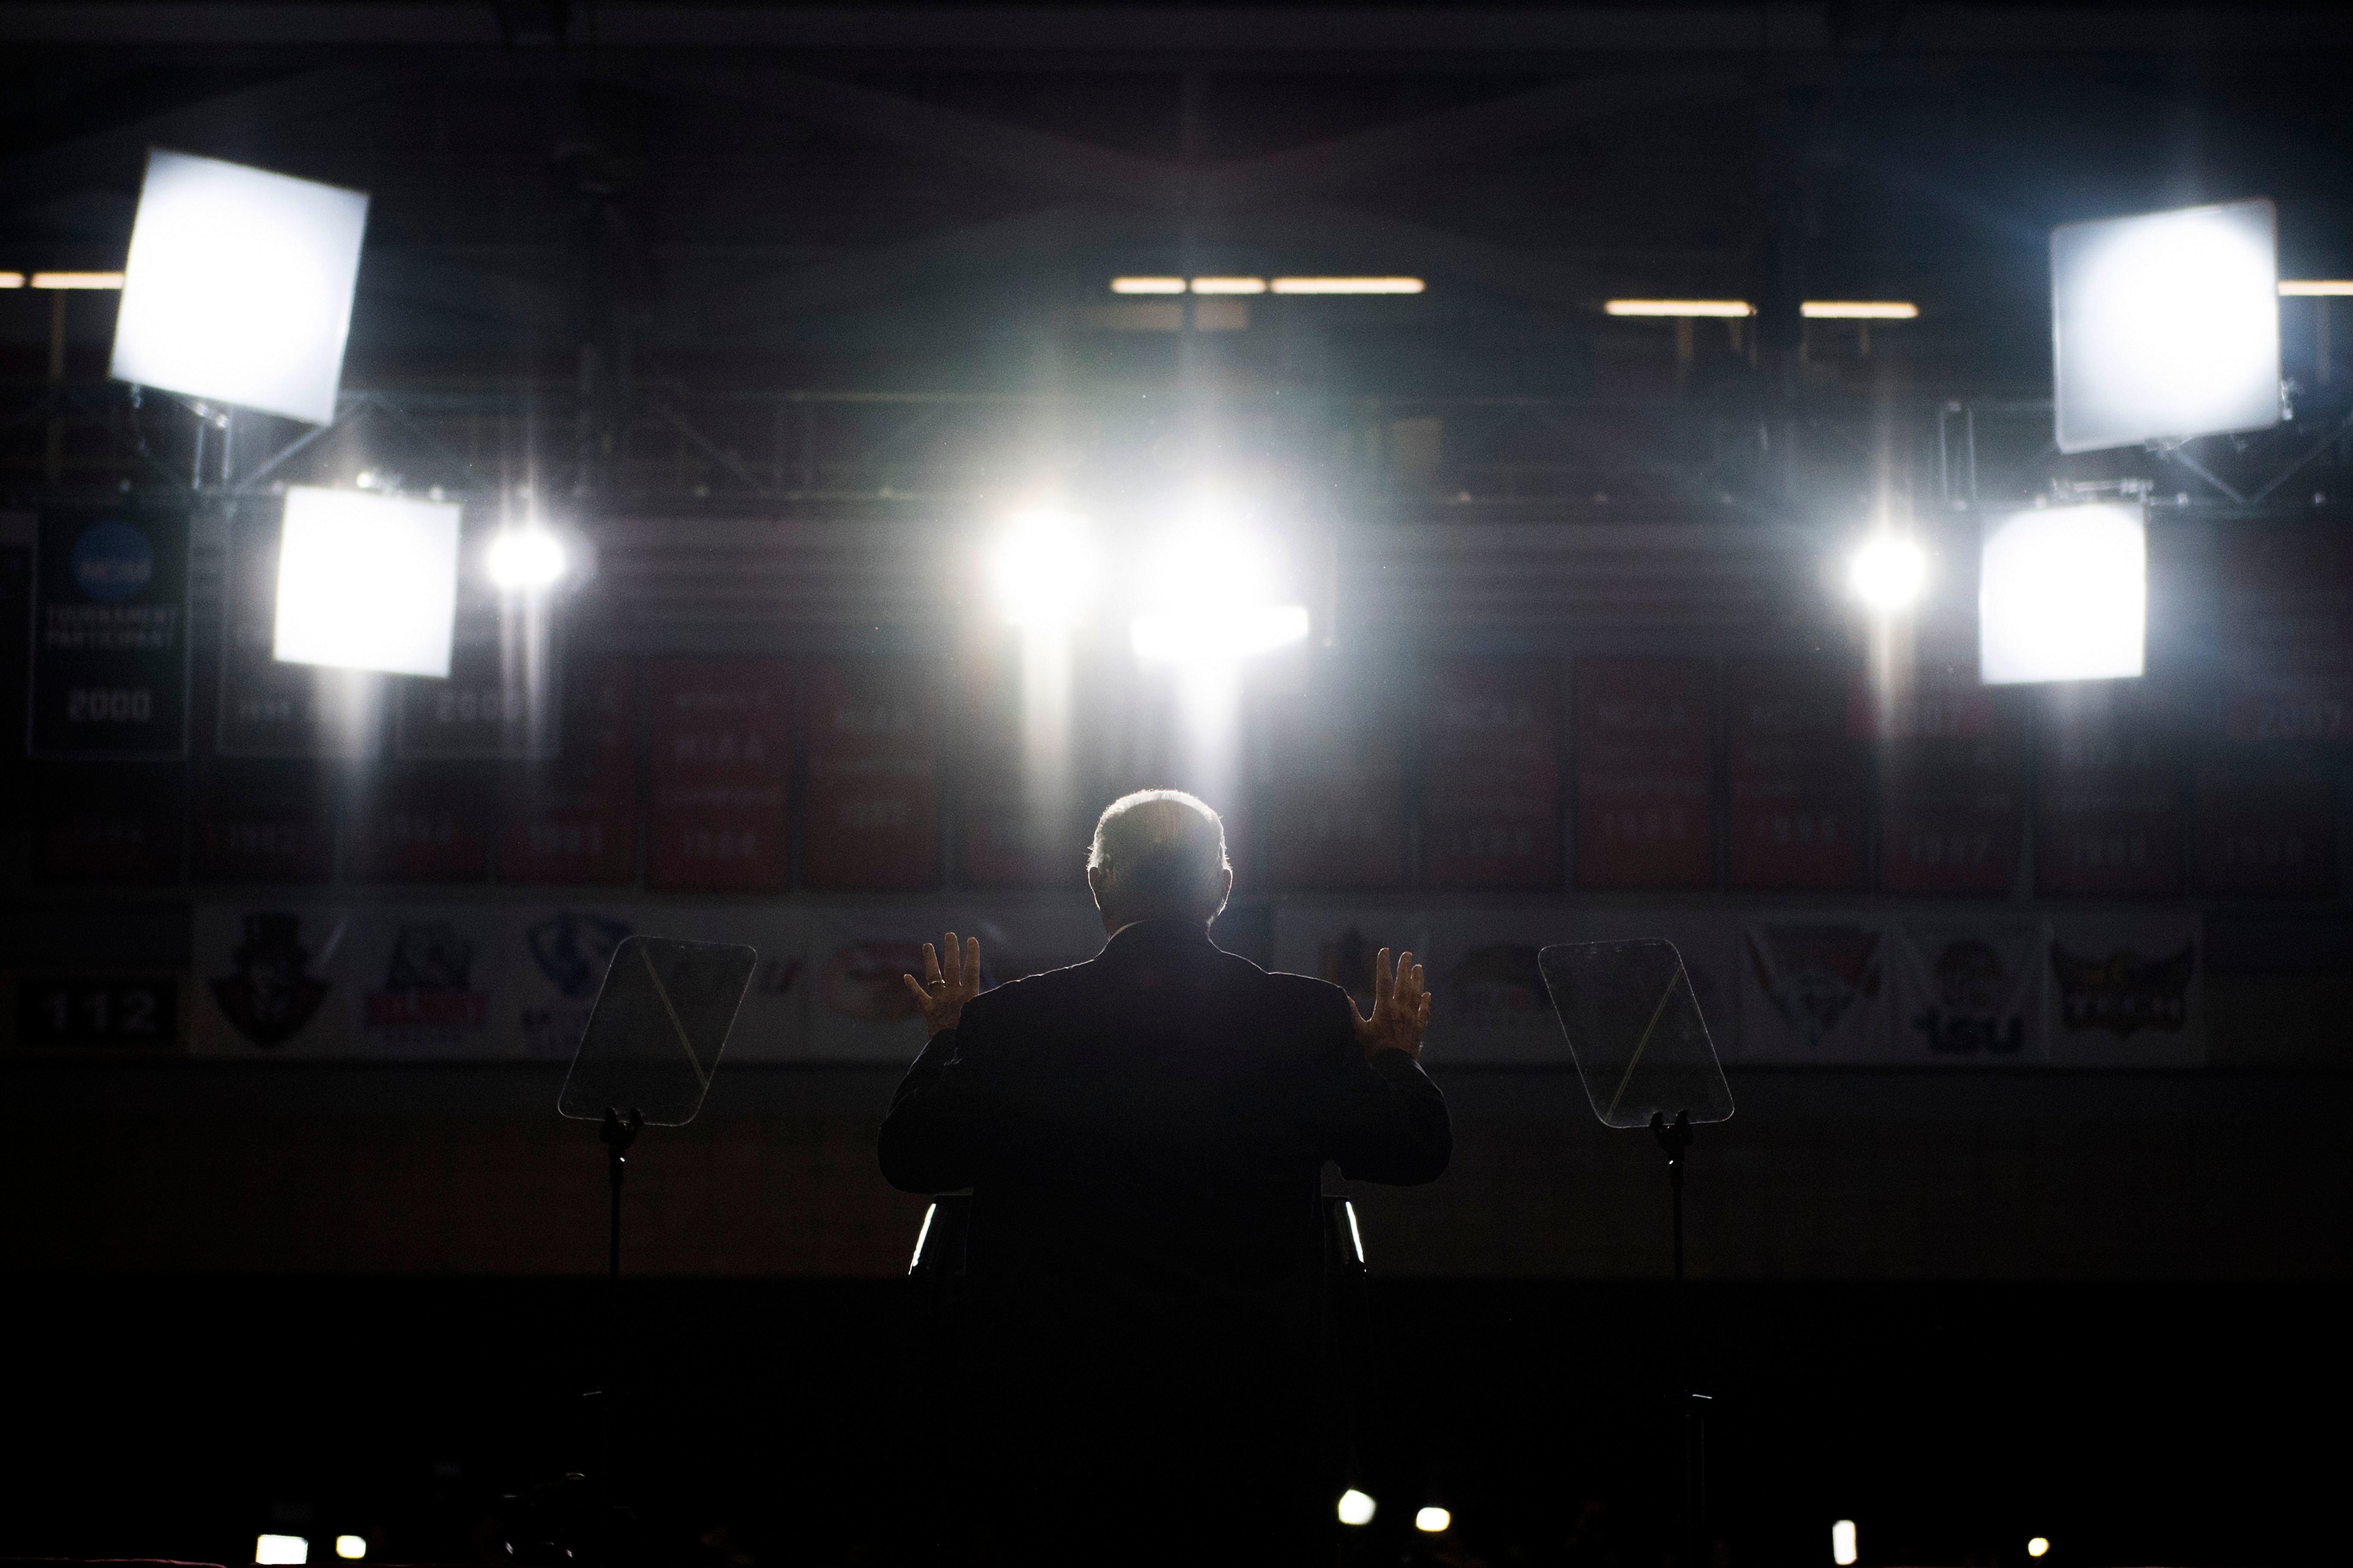 트럼프 취임 후 첫 전국 선거다. 확실한 것은 아무것도